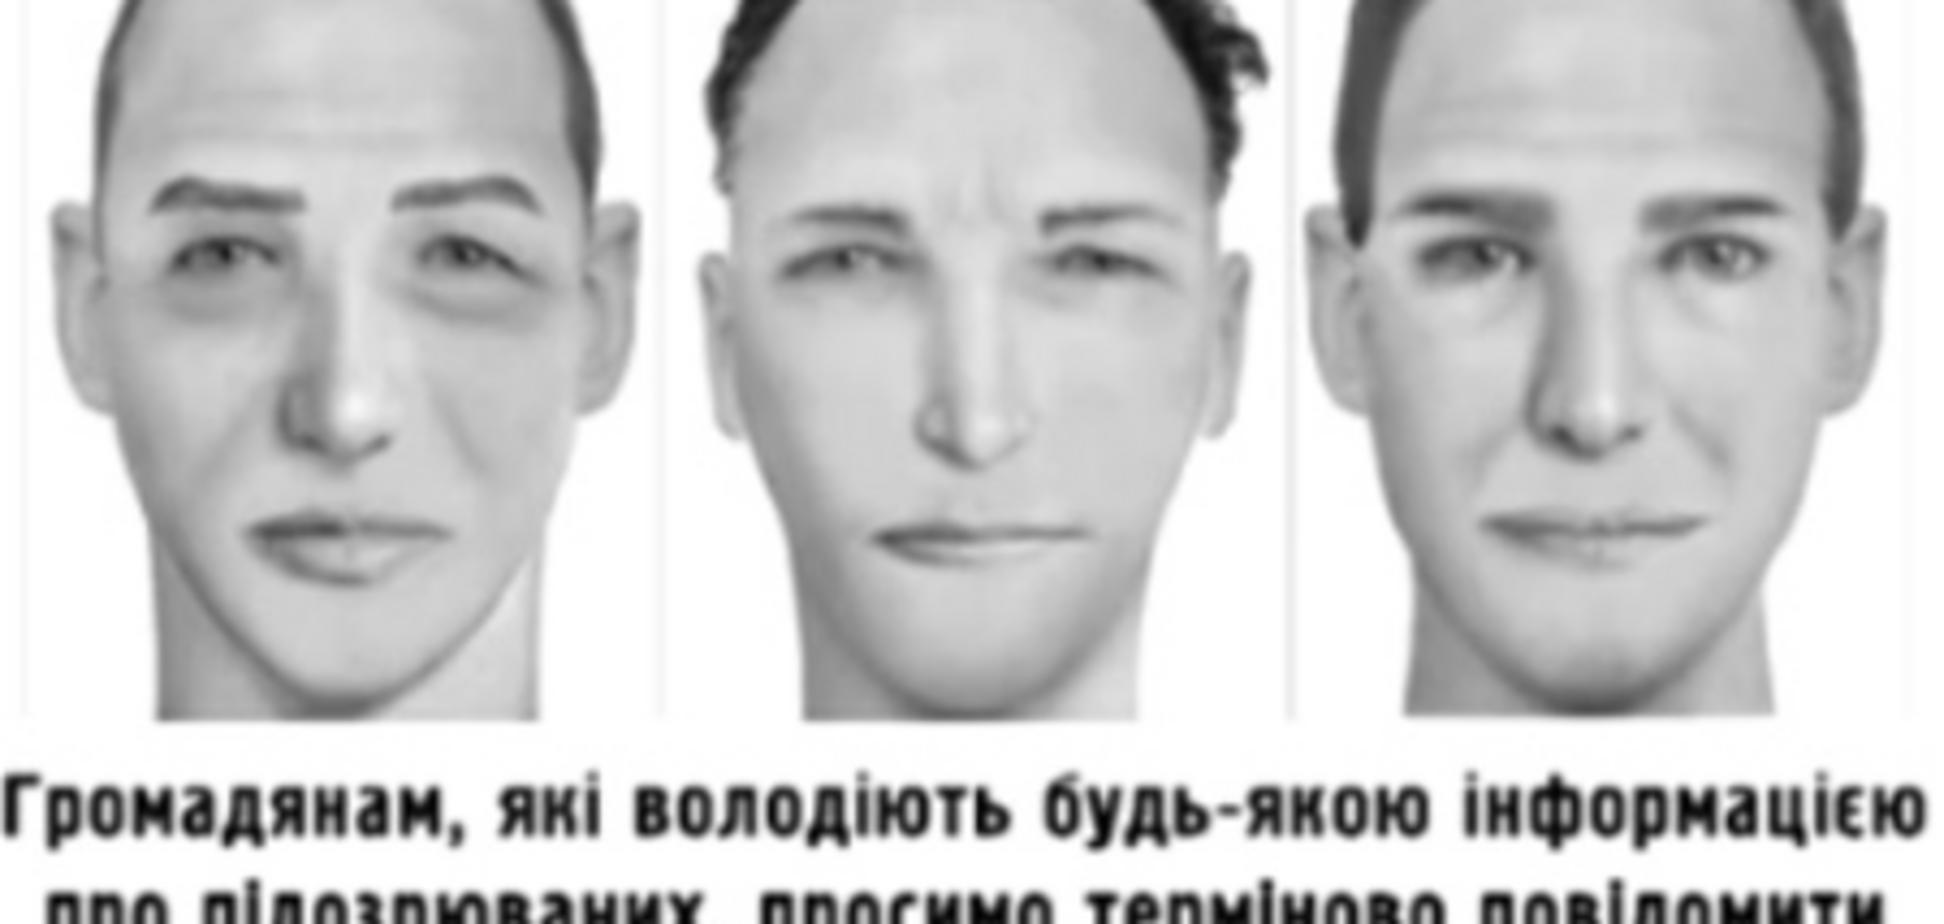 Суд відхилив клопотання про додаткове розслідування справи дніпропетровських терористів